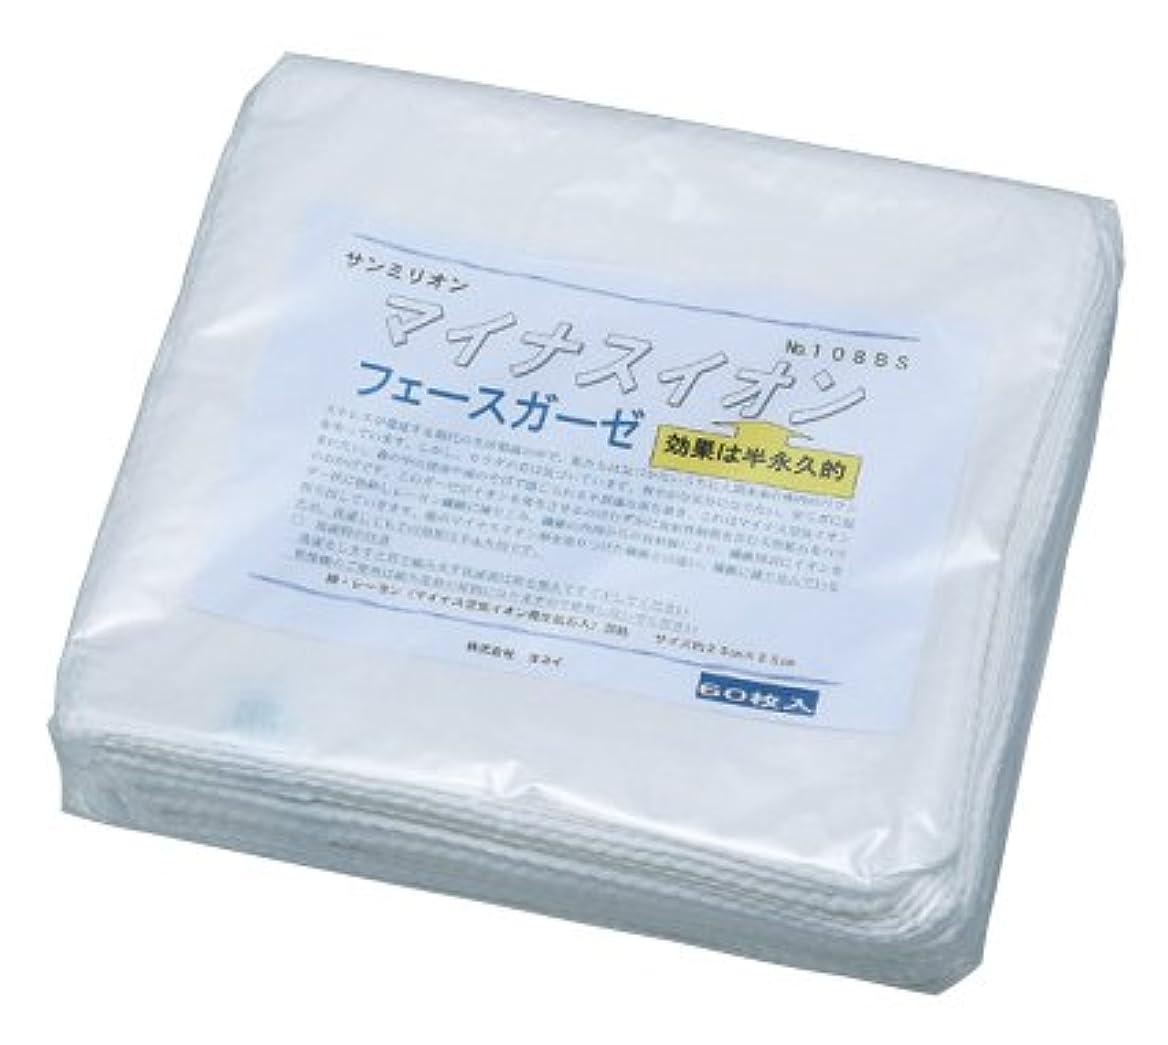 北米抑止する適応的マイナスイオンガーゼ108 BS袋付 30枚入